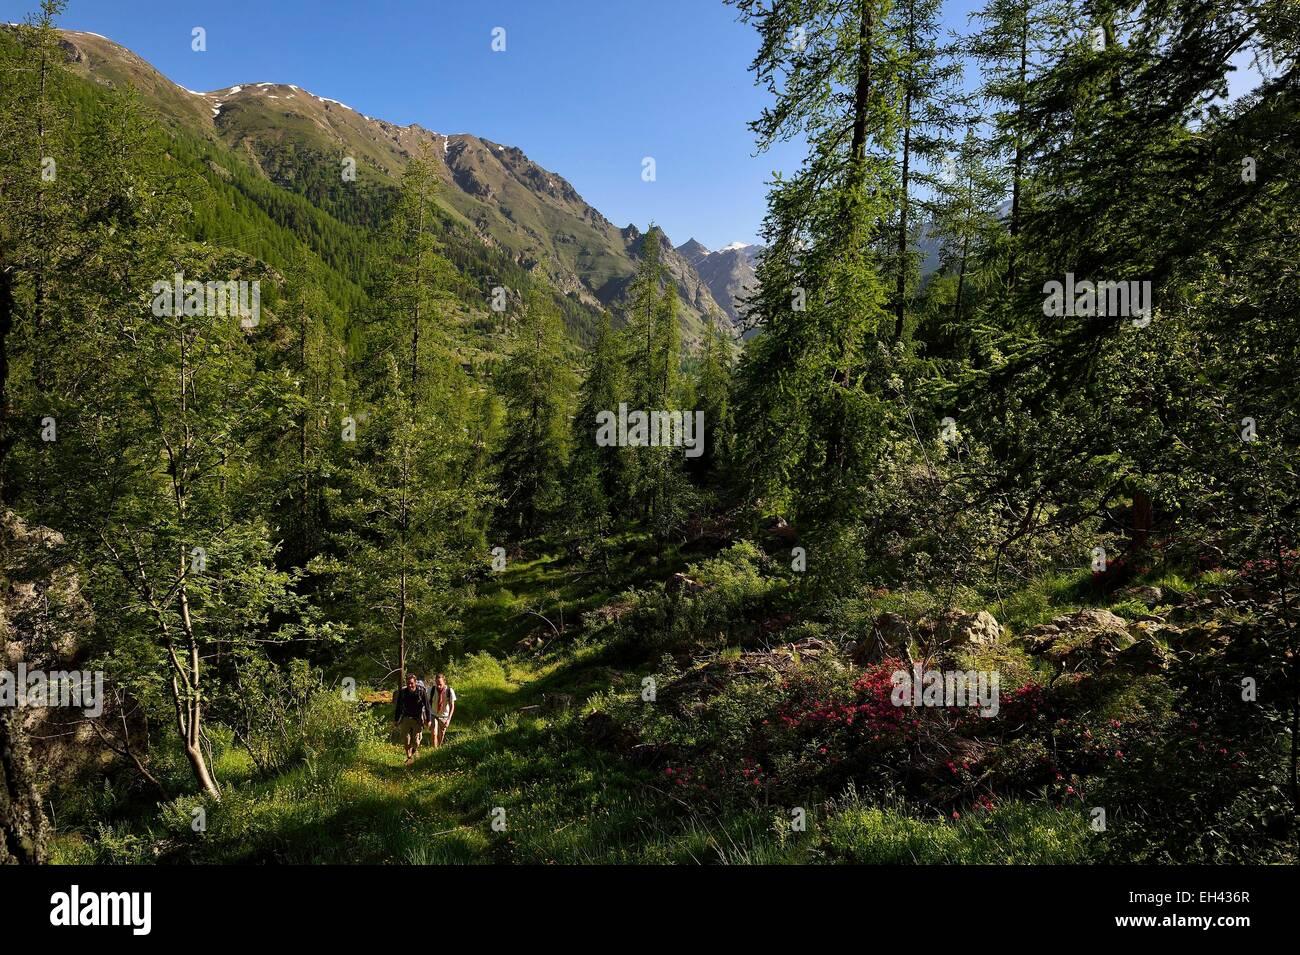 France, Alpes Maritimes, Parc National du Mercantour (Mercantour national park), Haute Vesubie, trek in the Gordolasque Stock Photo